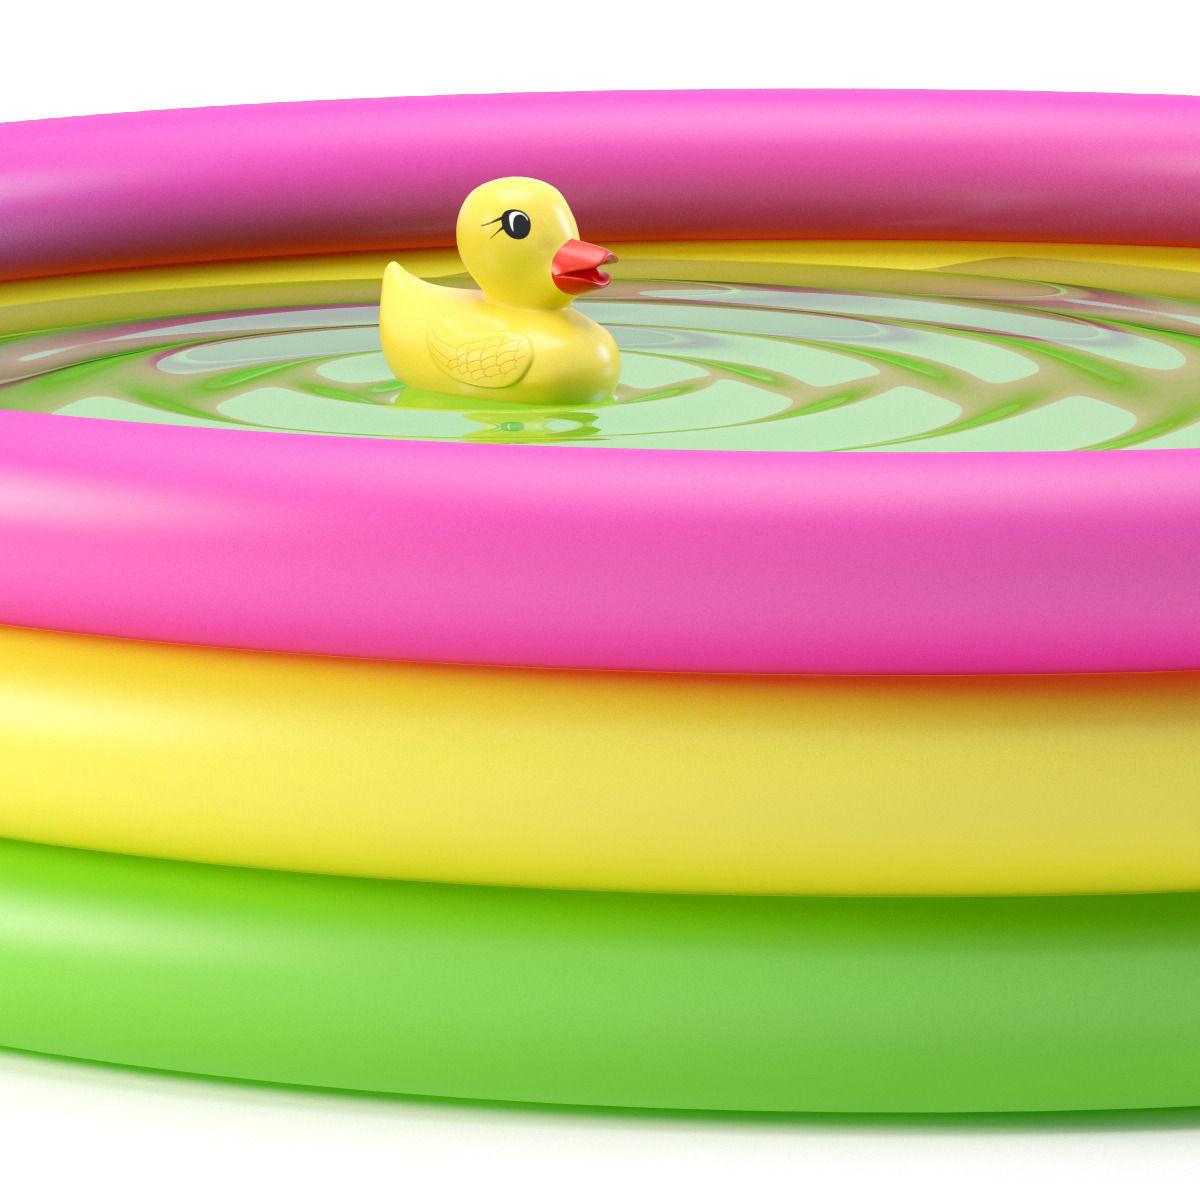 ... Inflatable Pool 3d Model Max Obj 3ds Fbx Mtl 4 ...